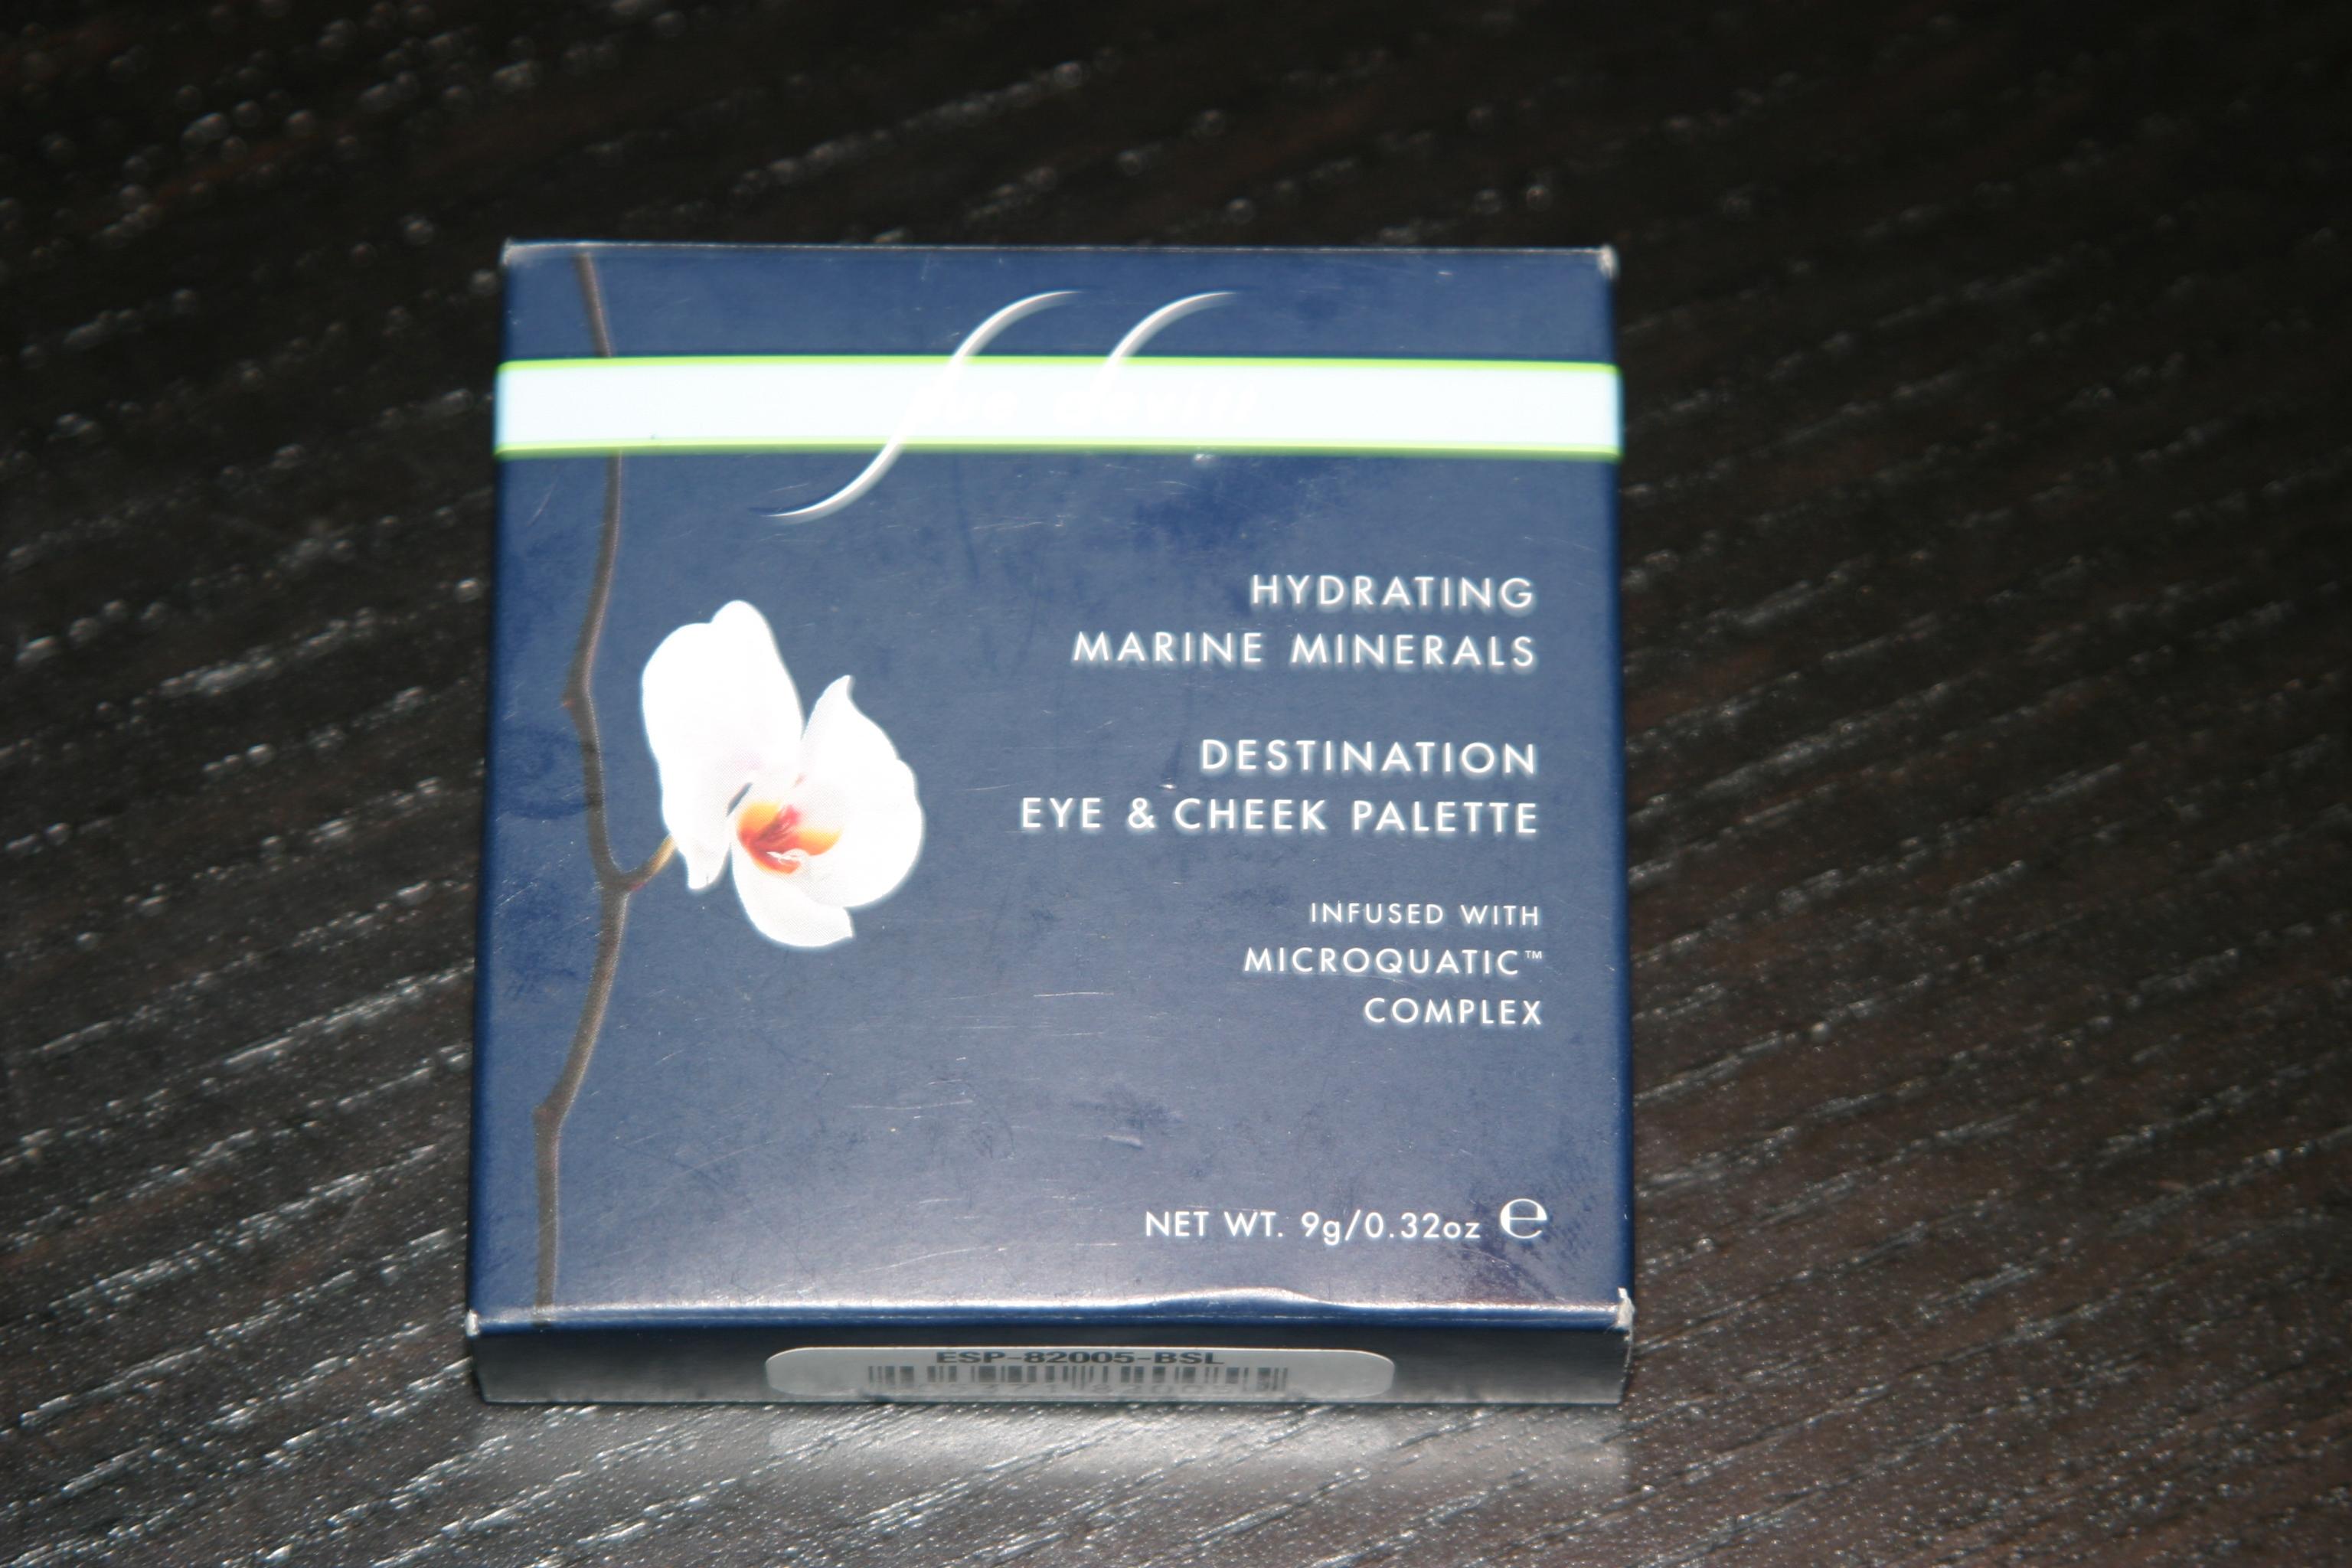 Sue Devitt Hydrating Marine Minerals Destination Eye & Cheek Palette - Beausoleil